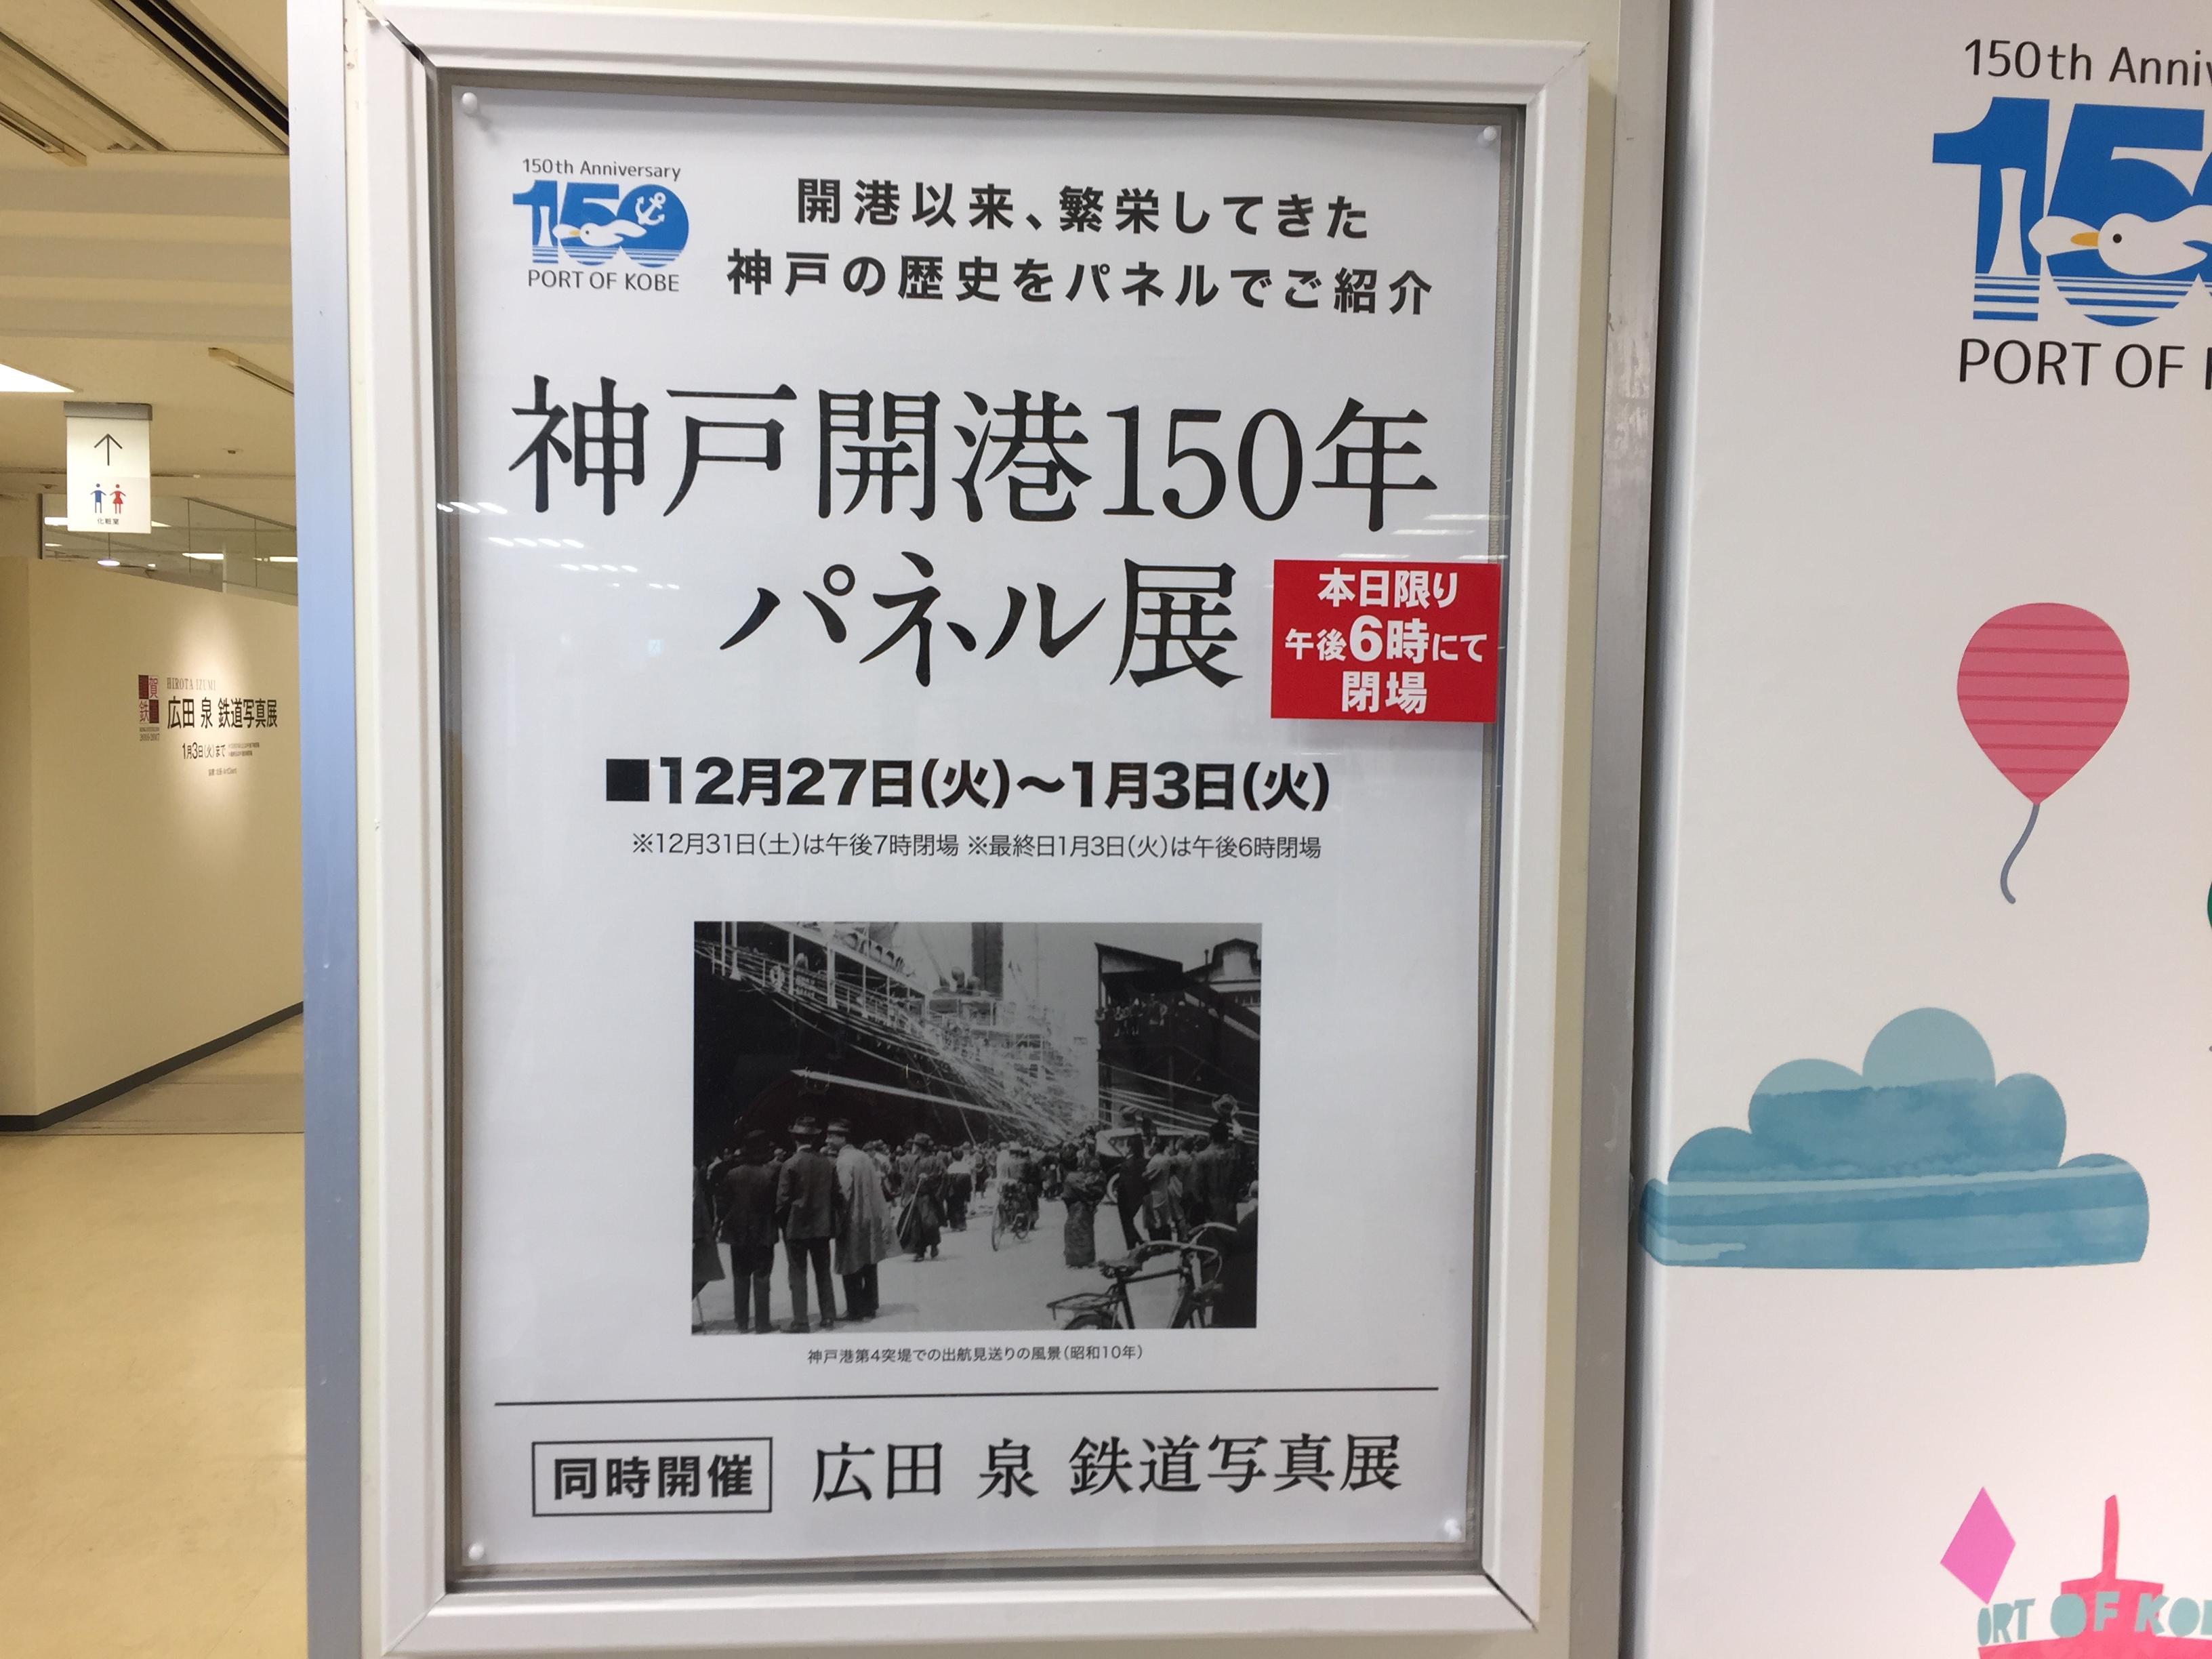 「神戸開港150年パネル展」がそごう神戸店で開催されたよ【神戸開港150年特集】